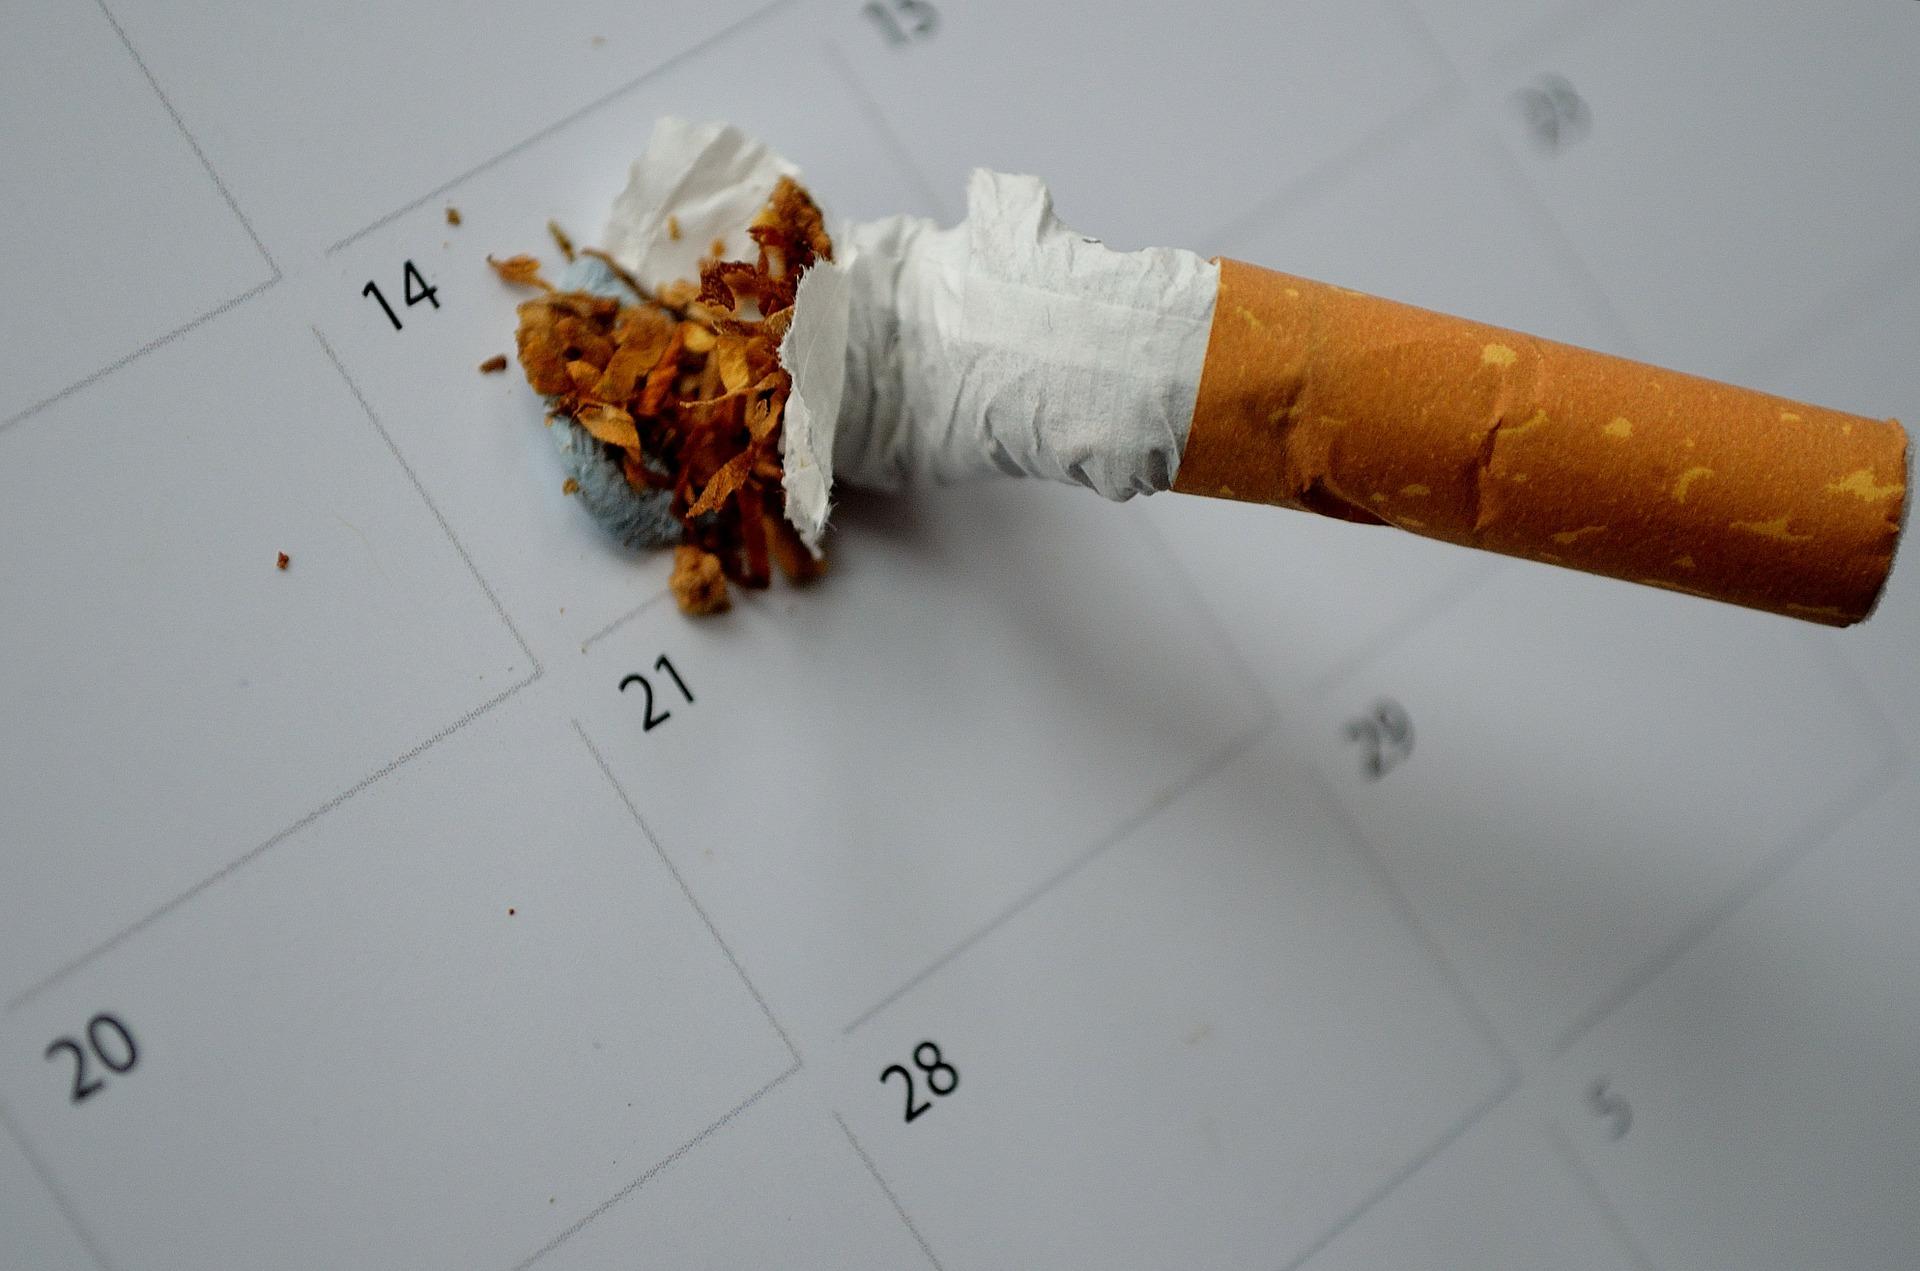 Sevrage tabagique, arrêt du tabac Versailles